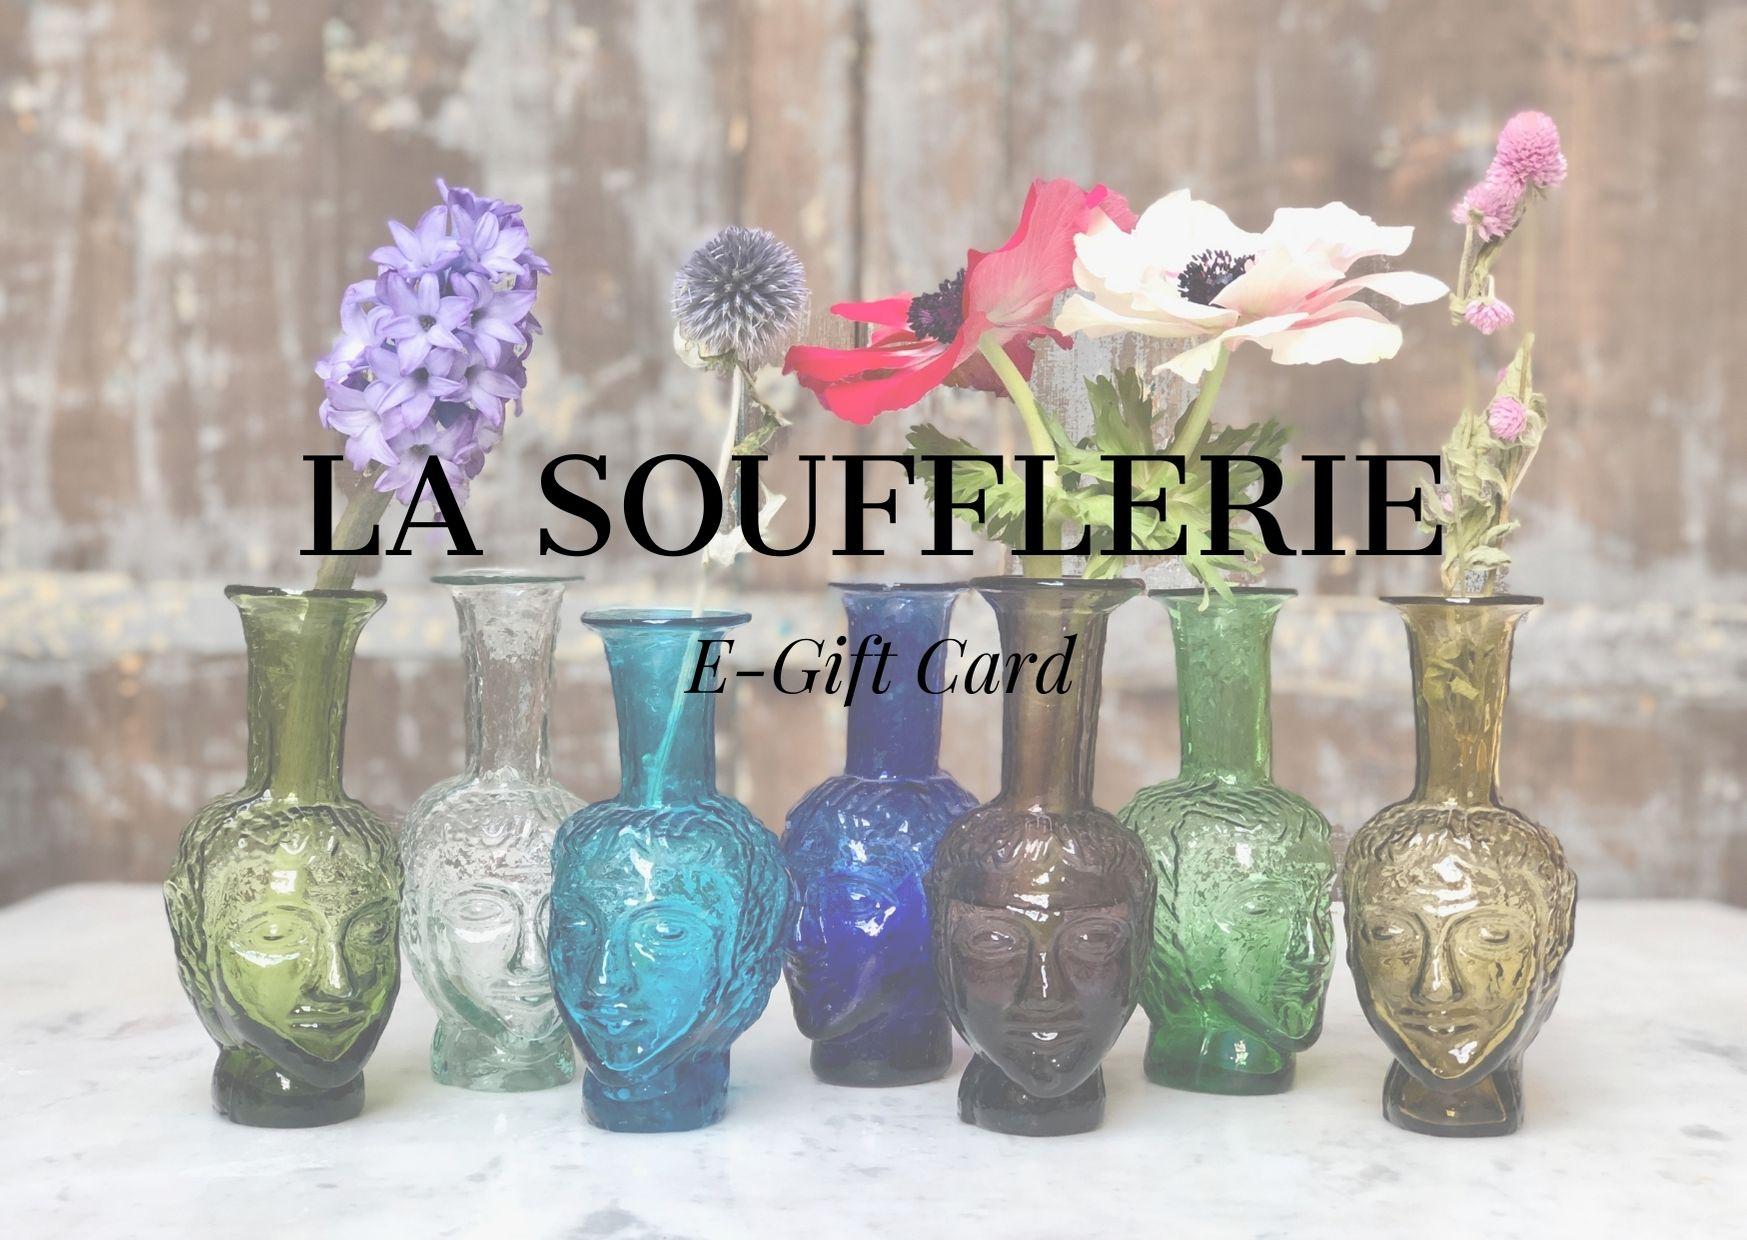 la-soufflerie-e-gift-card